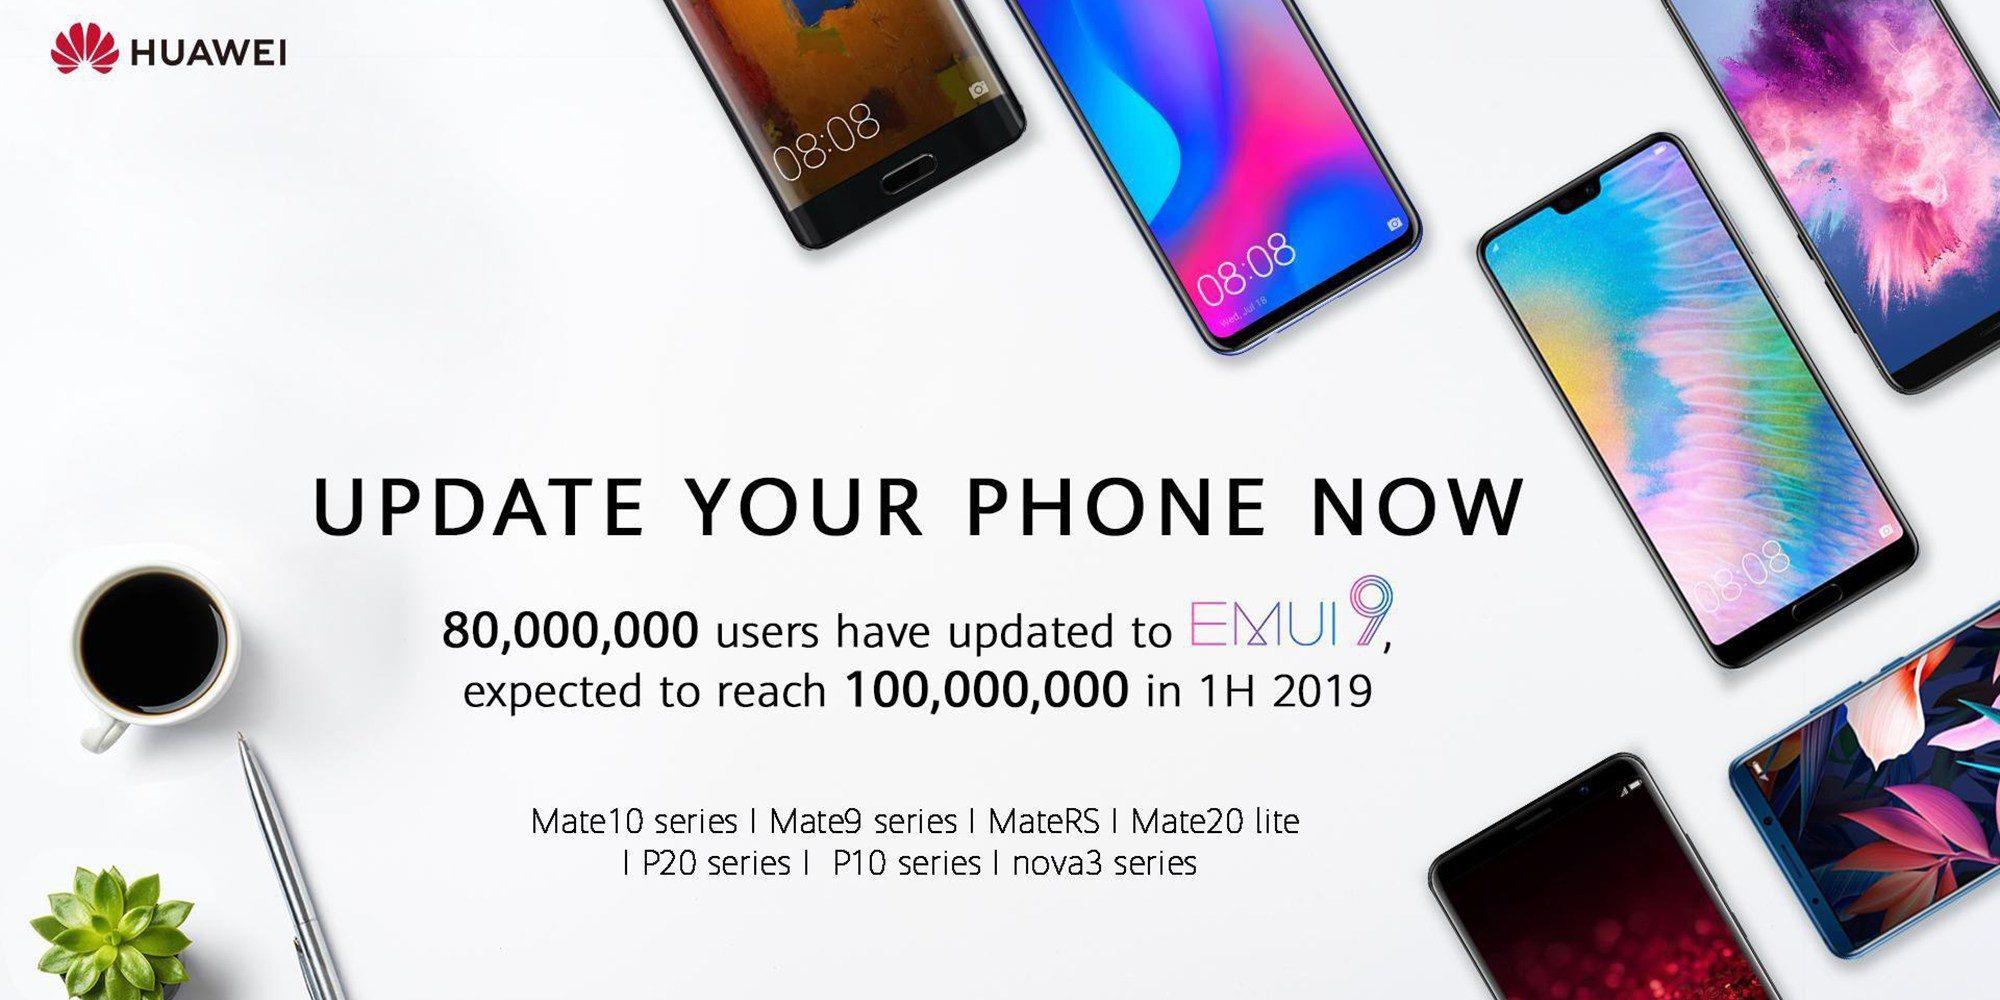 EMUI 9 llega a nuevos móviles de Huawei: listado completo